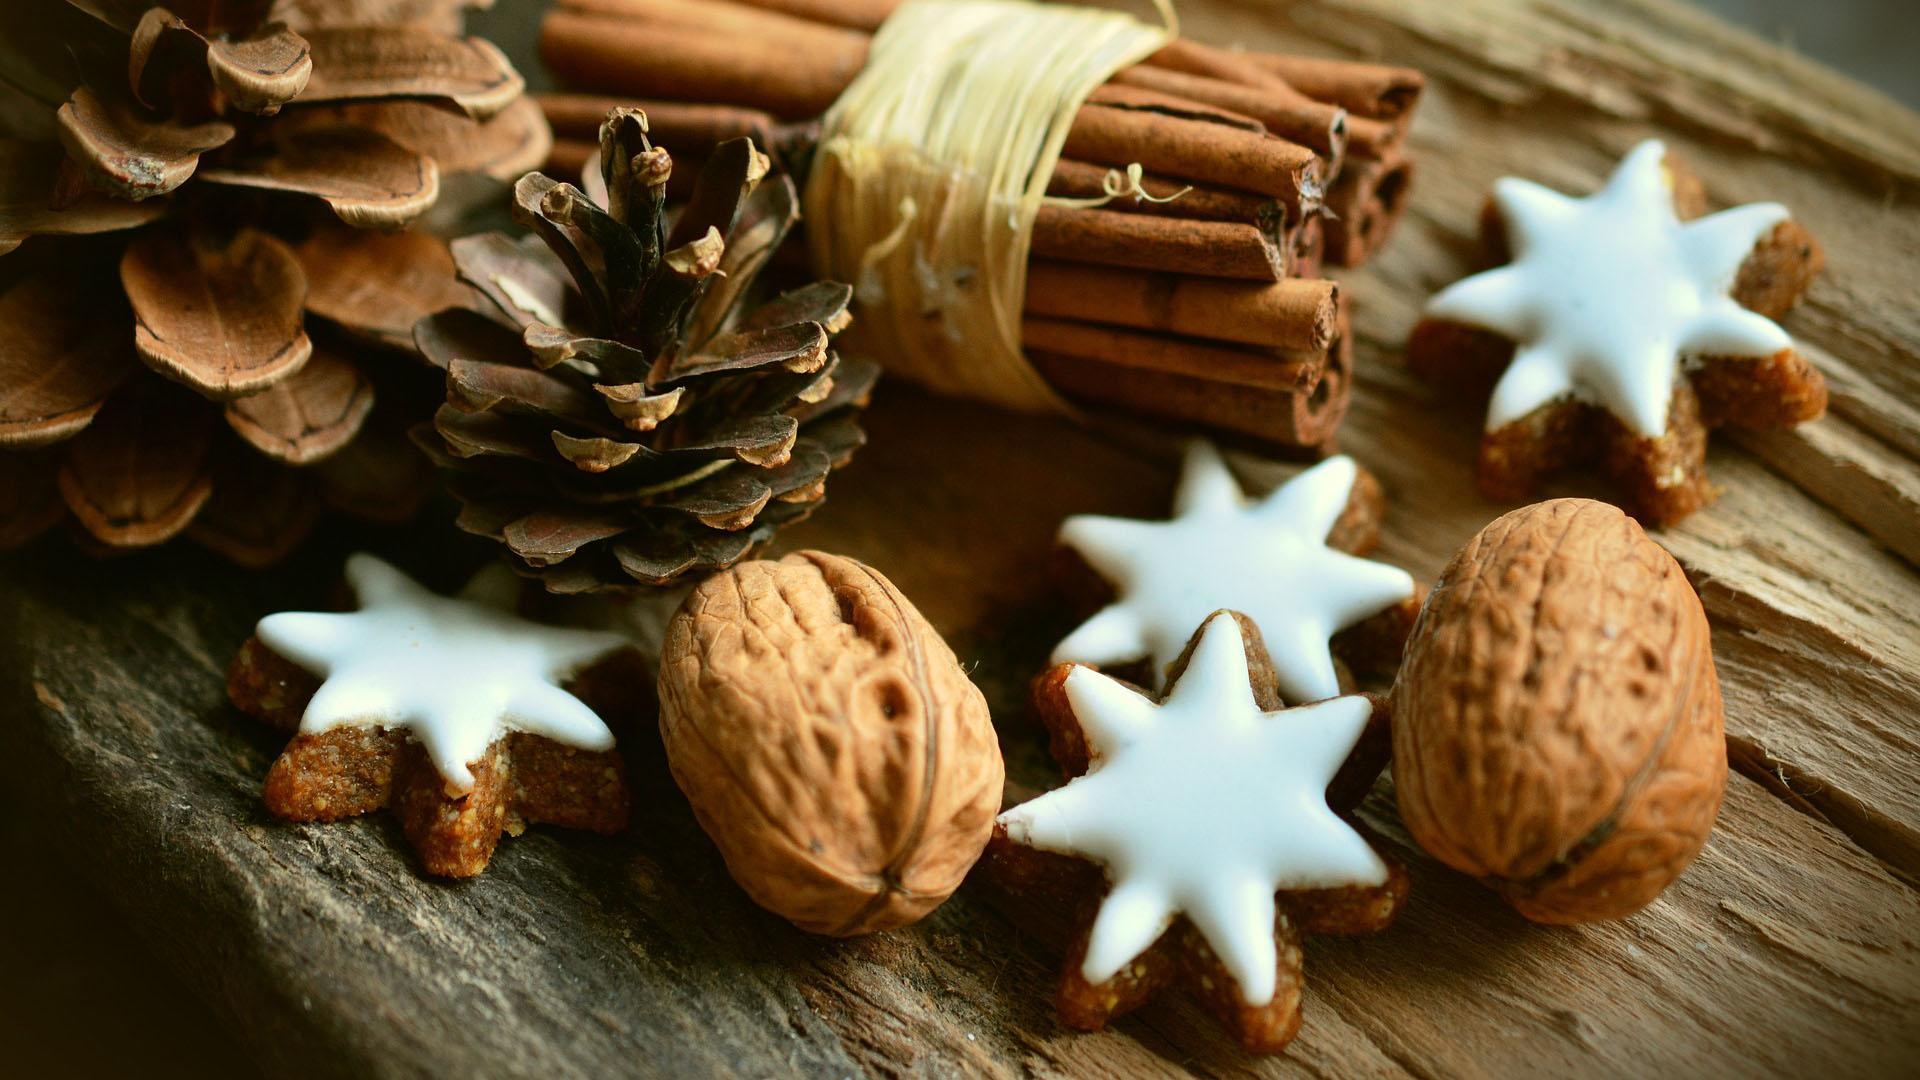 Öffnungszeiten an Weihnachten: Das gilt es zu beachten